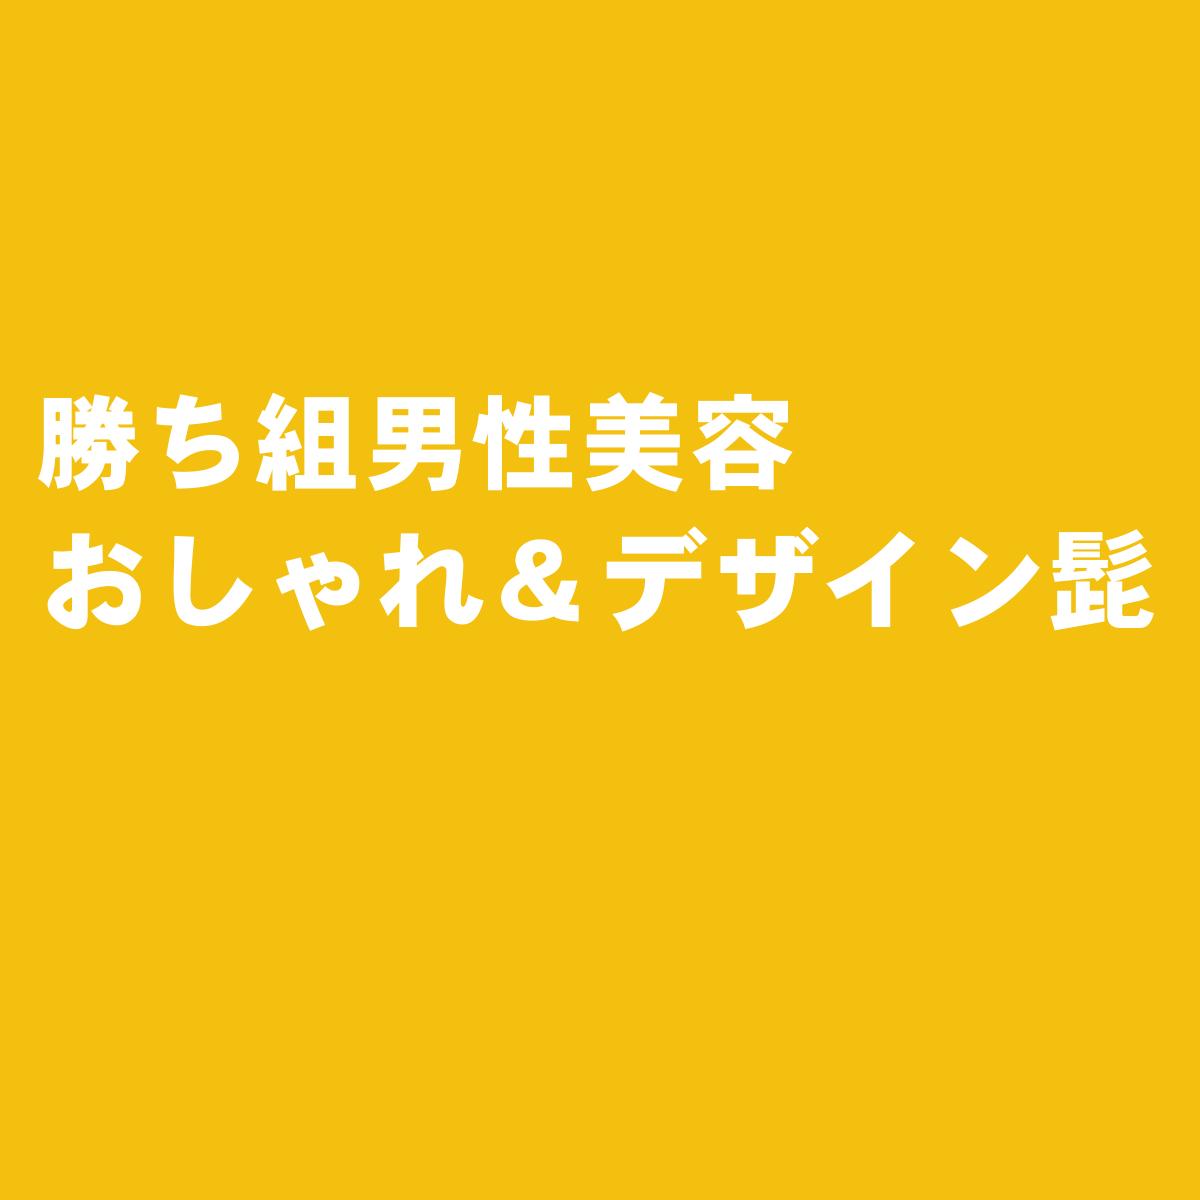 おしゃれヒゲ&デザイン髭